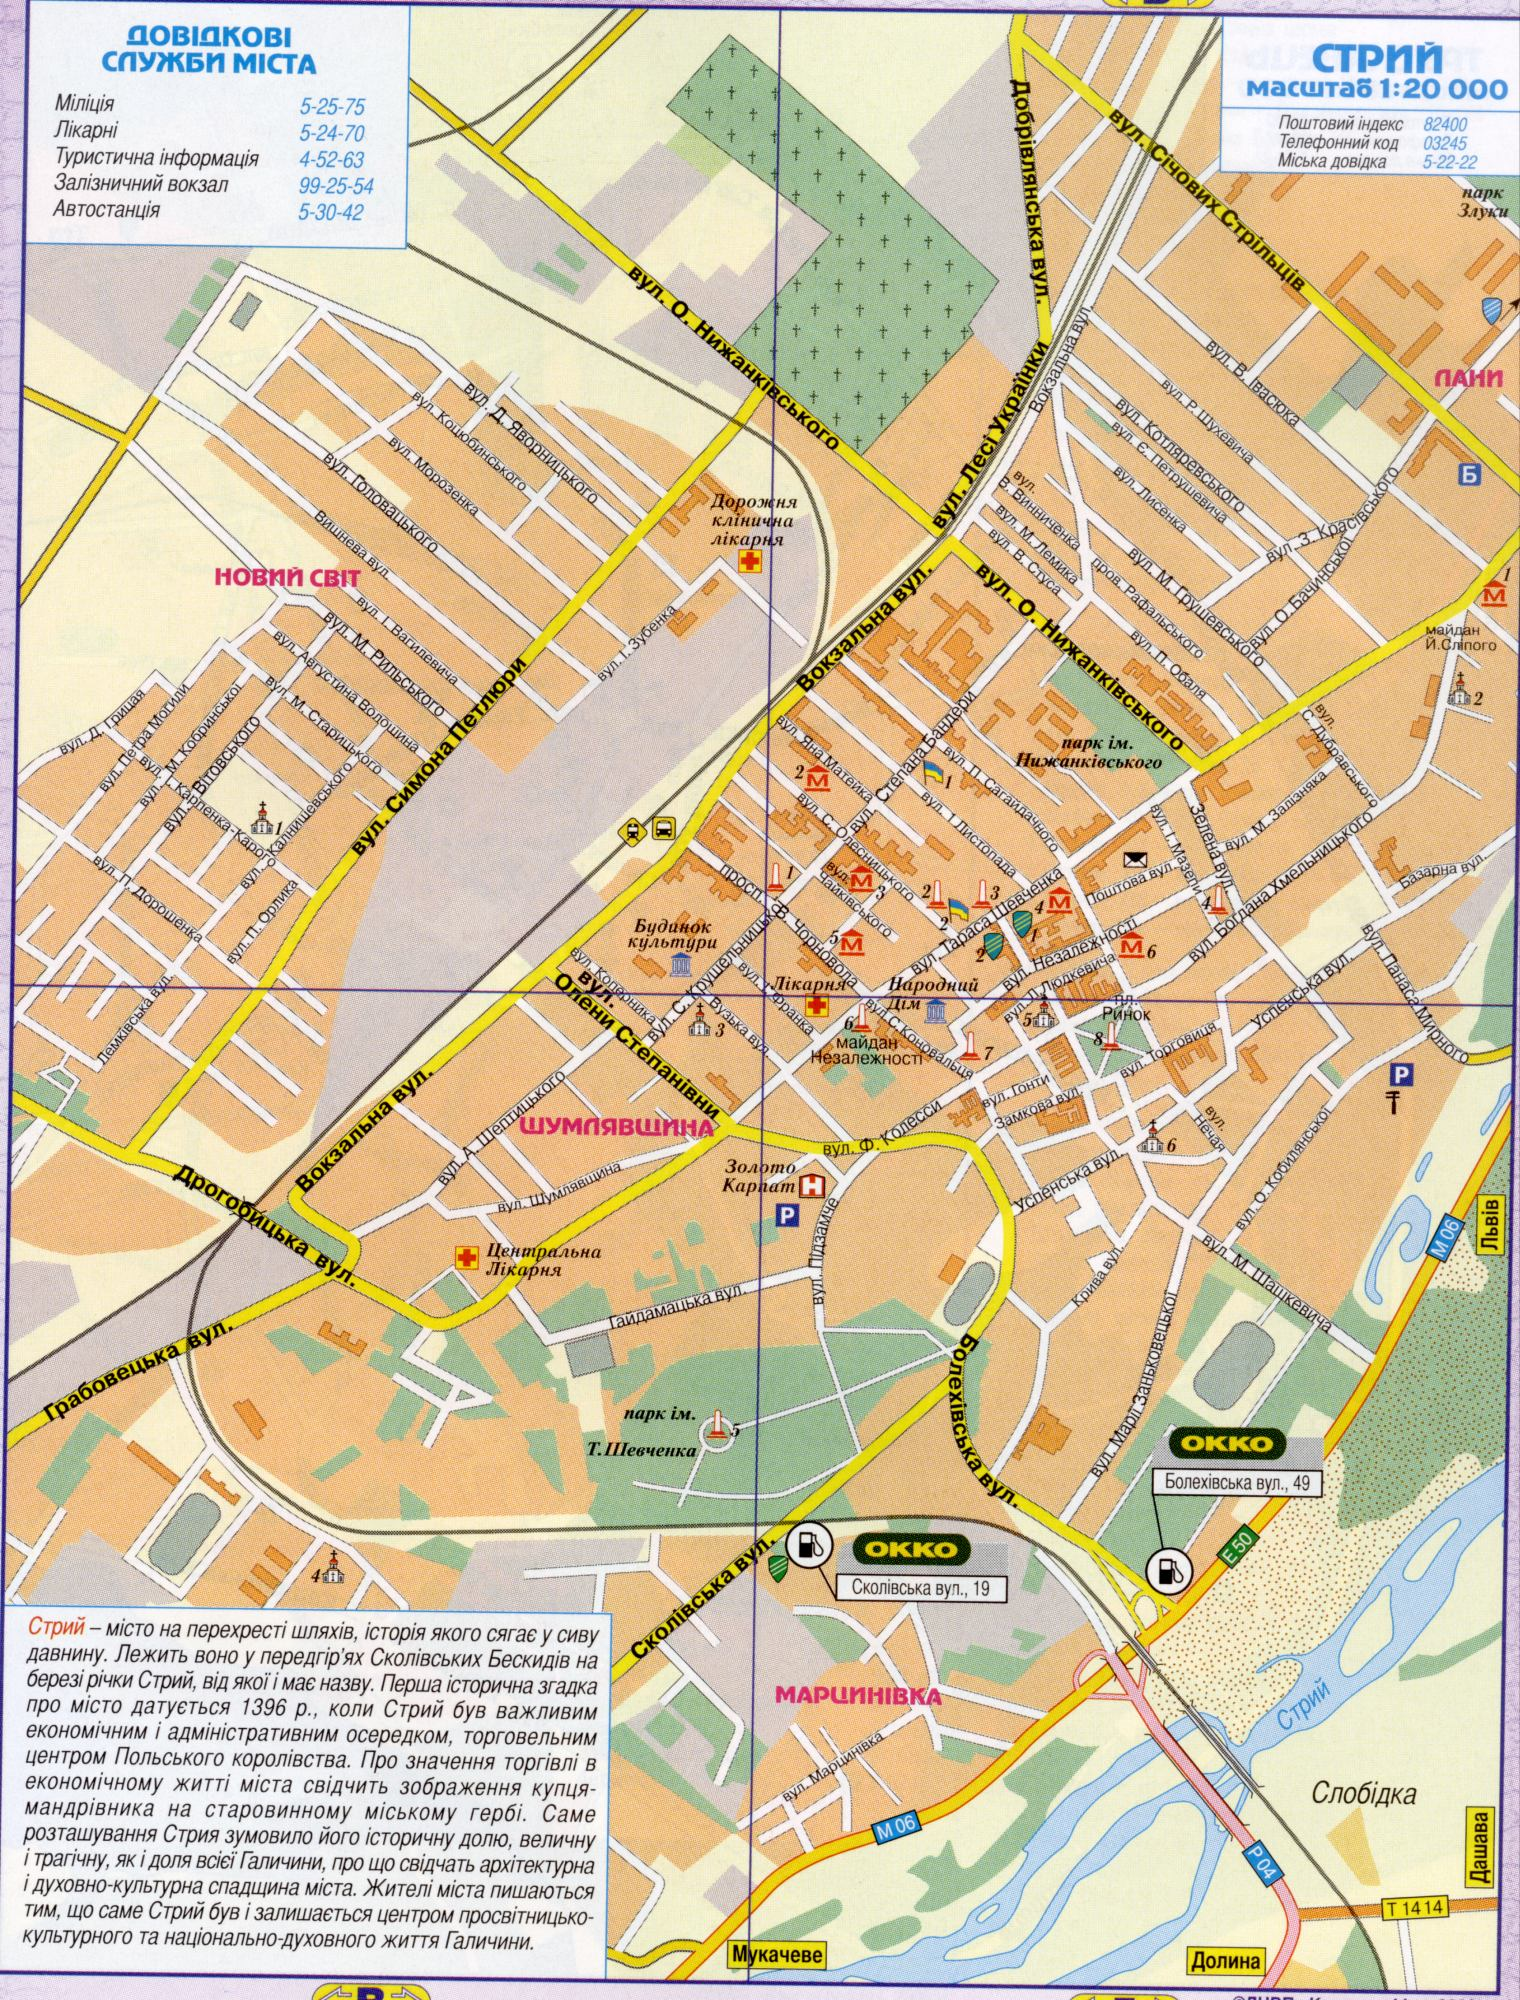 Карта города Стрый